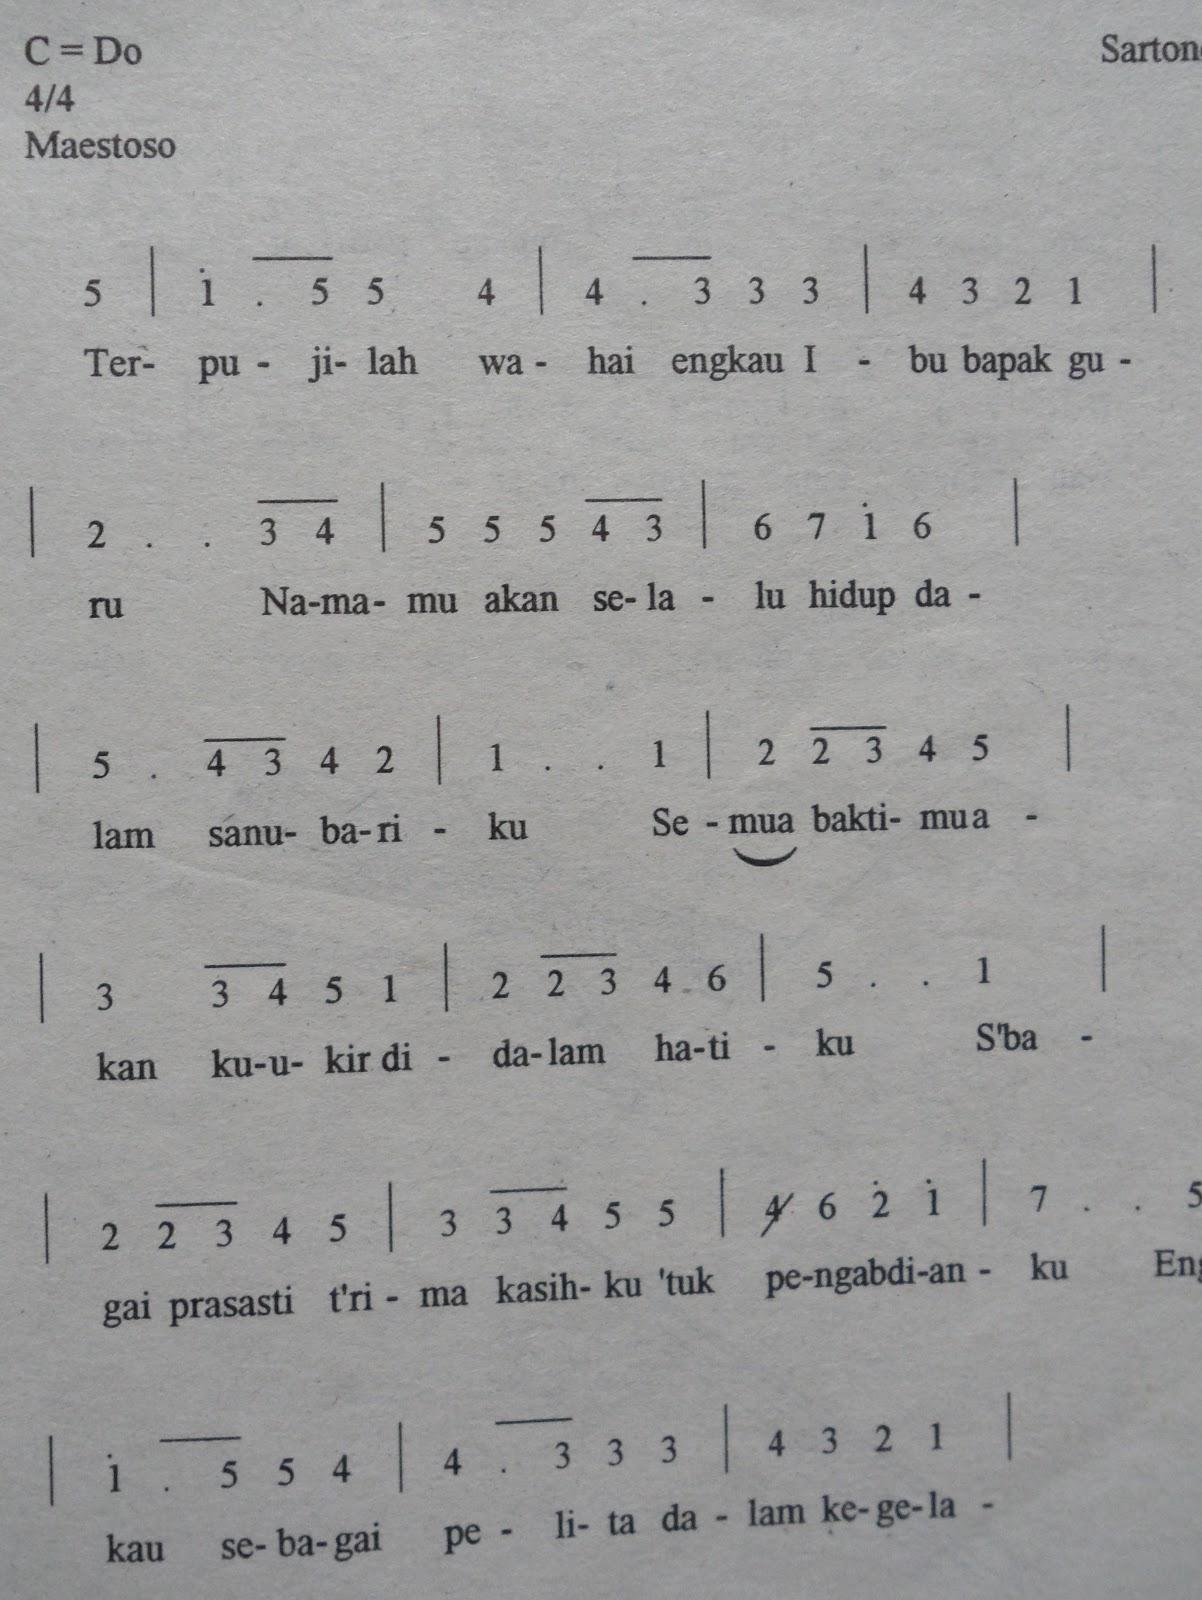 Not angka Lagu Hymne Guru (Pahlawan Tanpa Tanda Jasa)